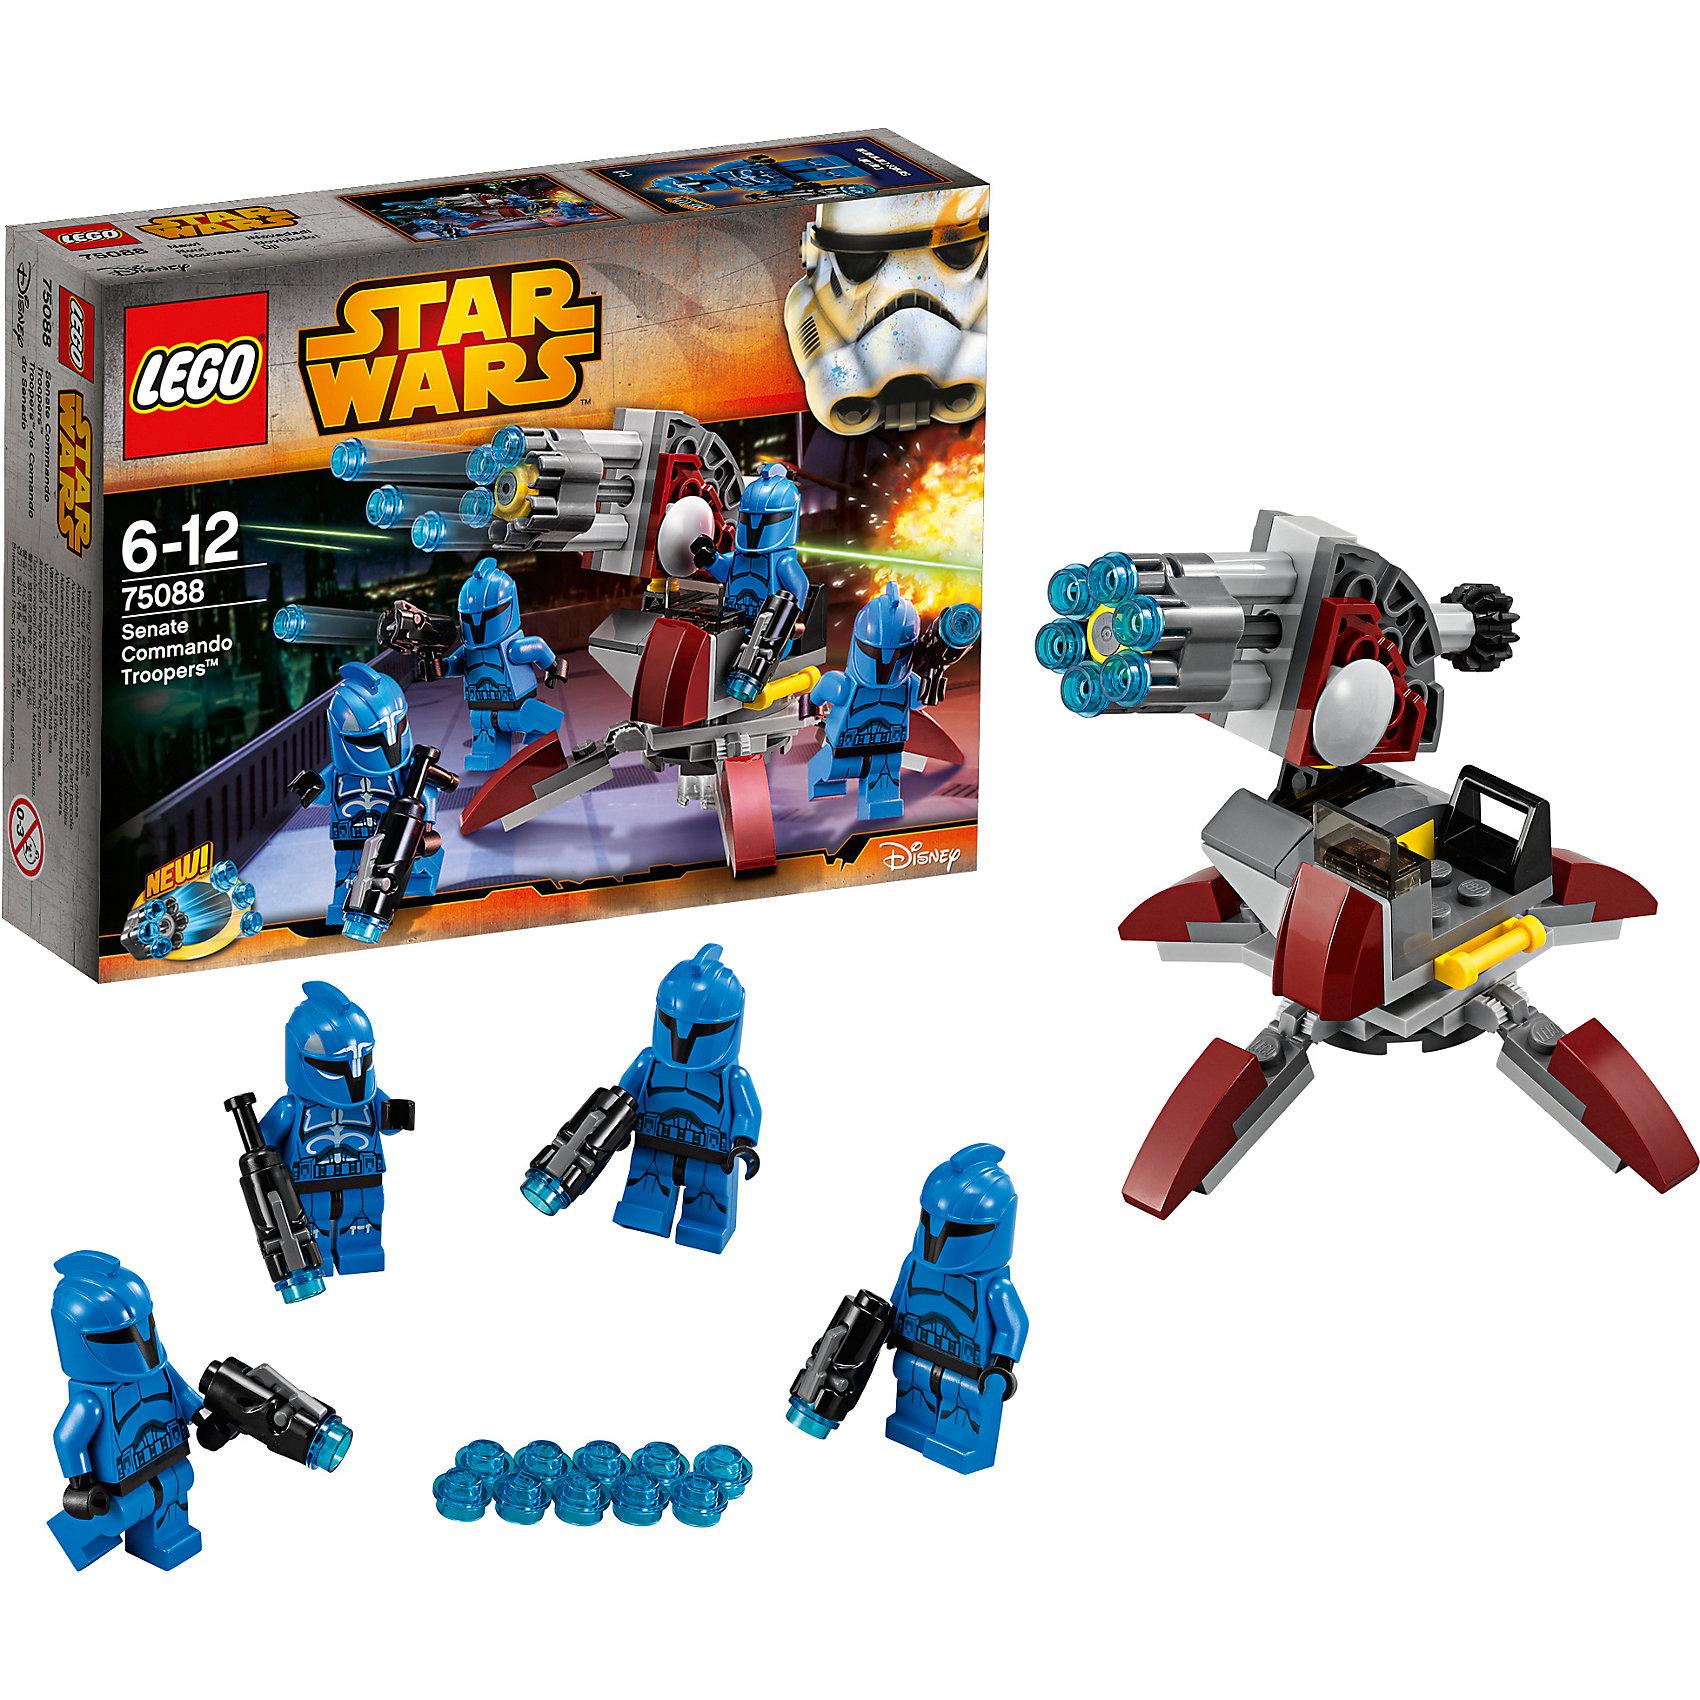 LEGO LEGO Star Wars 75088: Элитное подразделение Коммандос Сената 5piece 100% new alc3228 qfn chipset